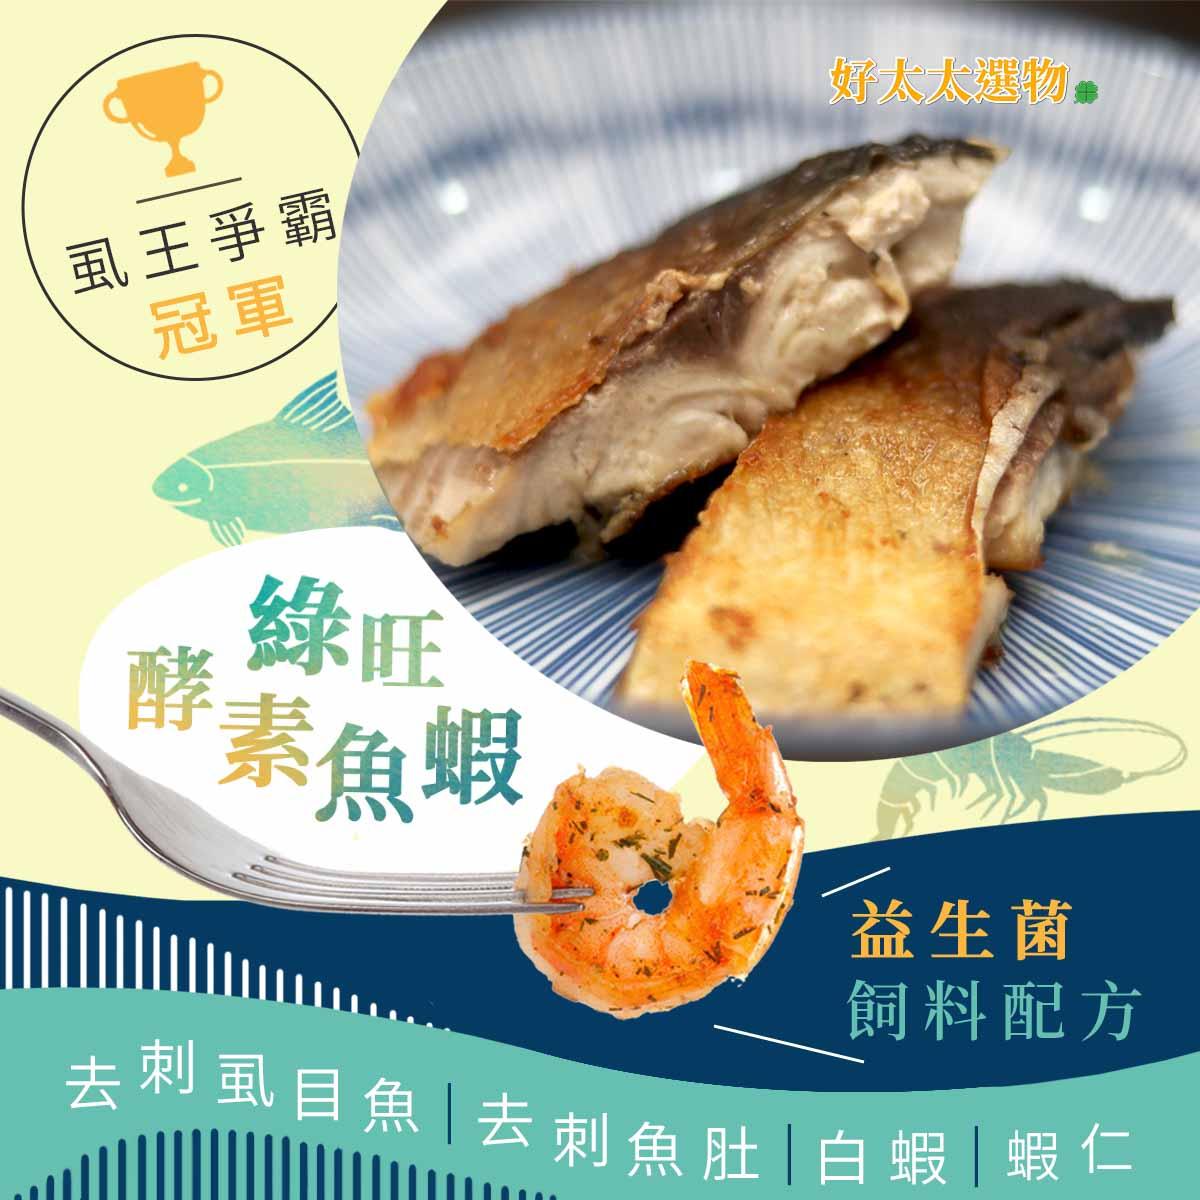 虱王爭霸-冠軍的虱目魚與白蝦,全部都有去刺喔,吃起來省心方便又安全。